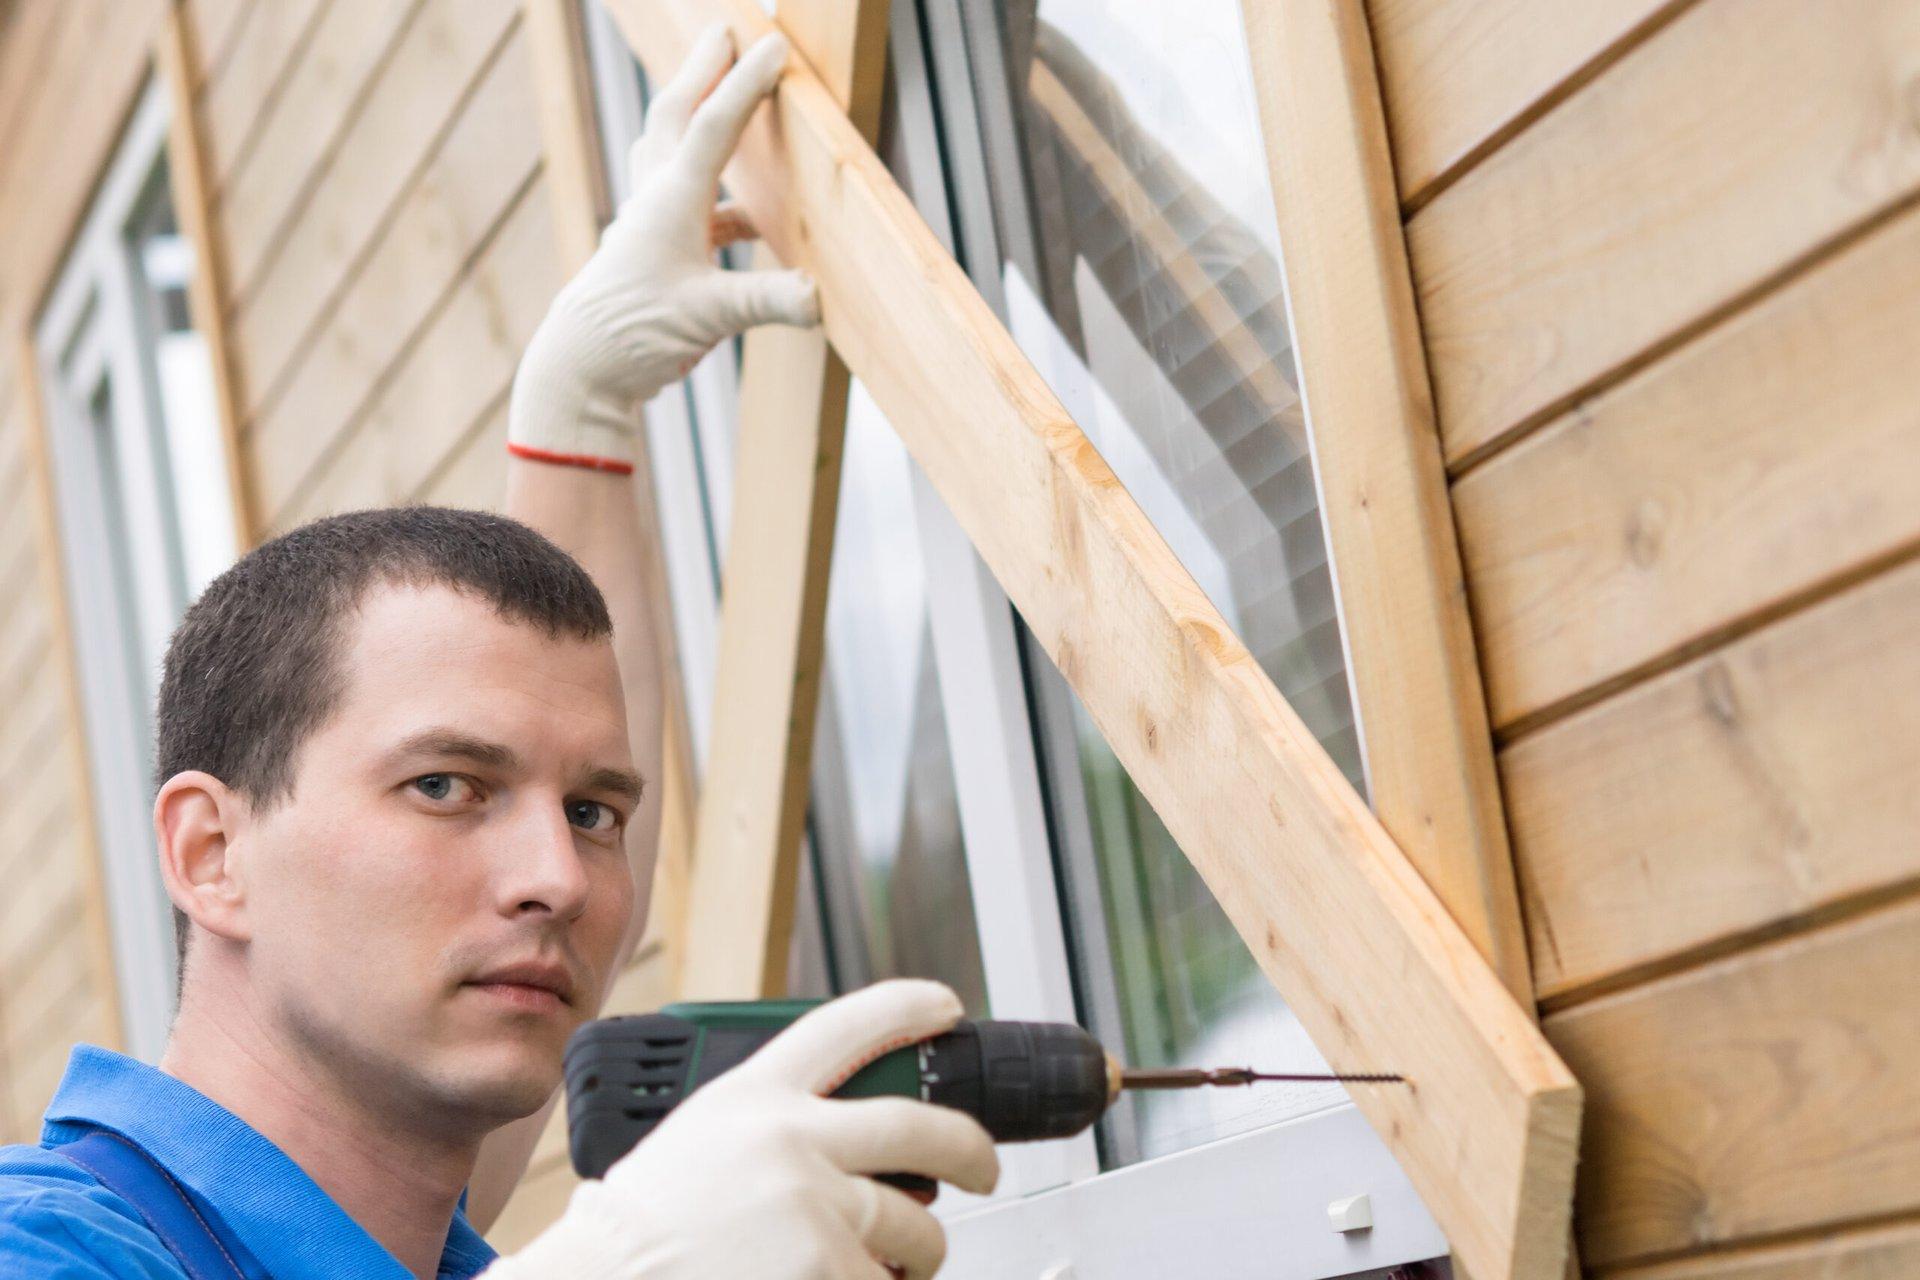 Man preparing home for a hurricane